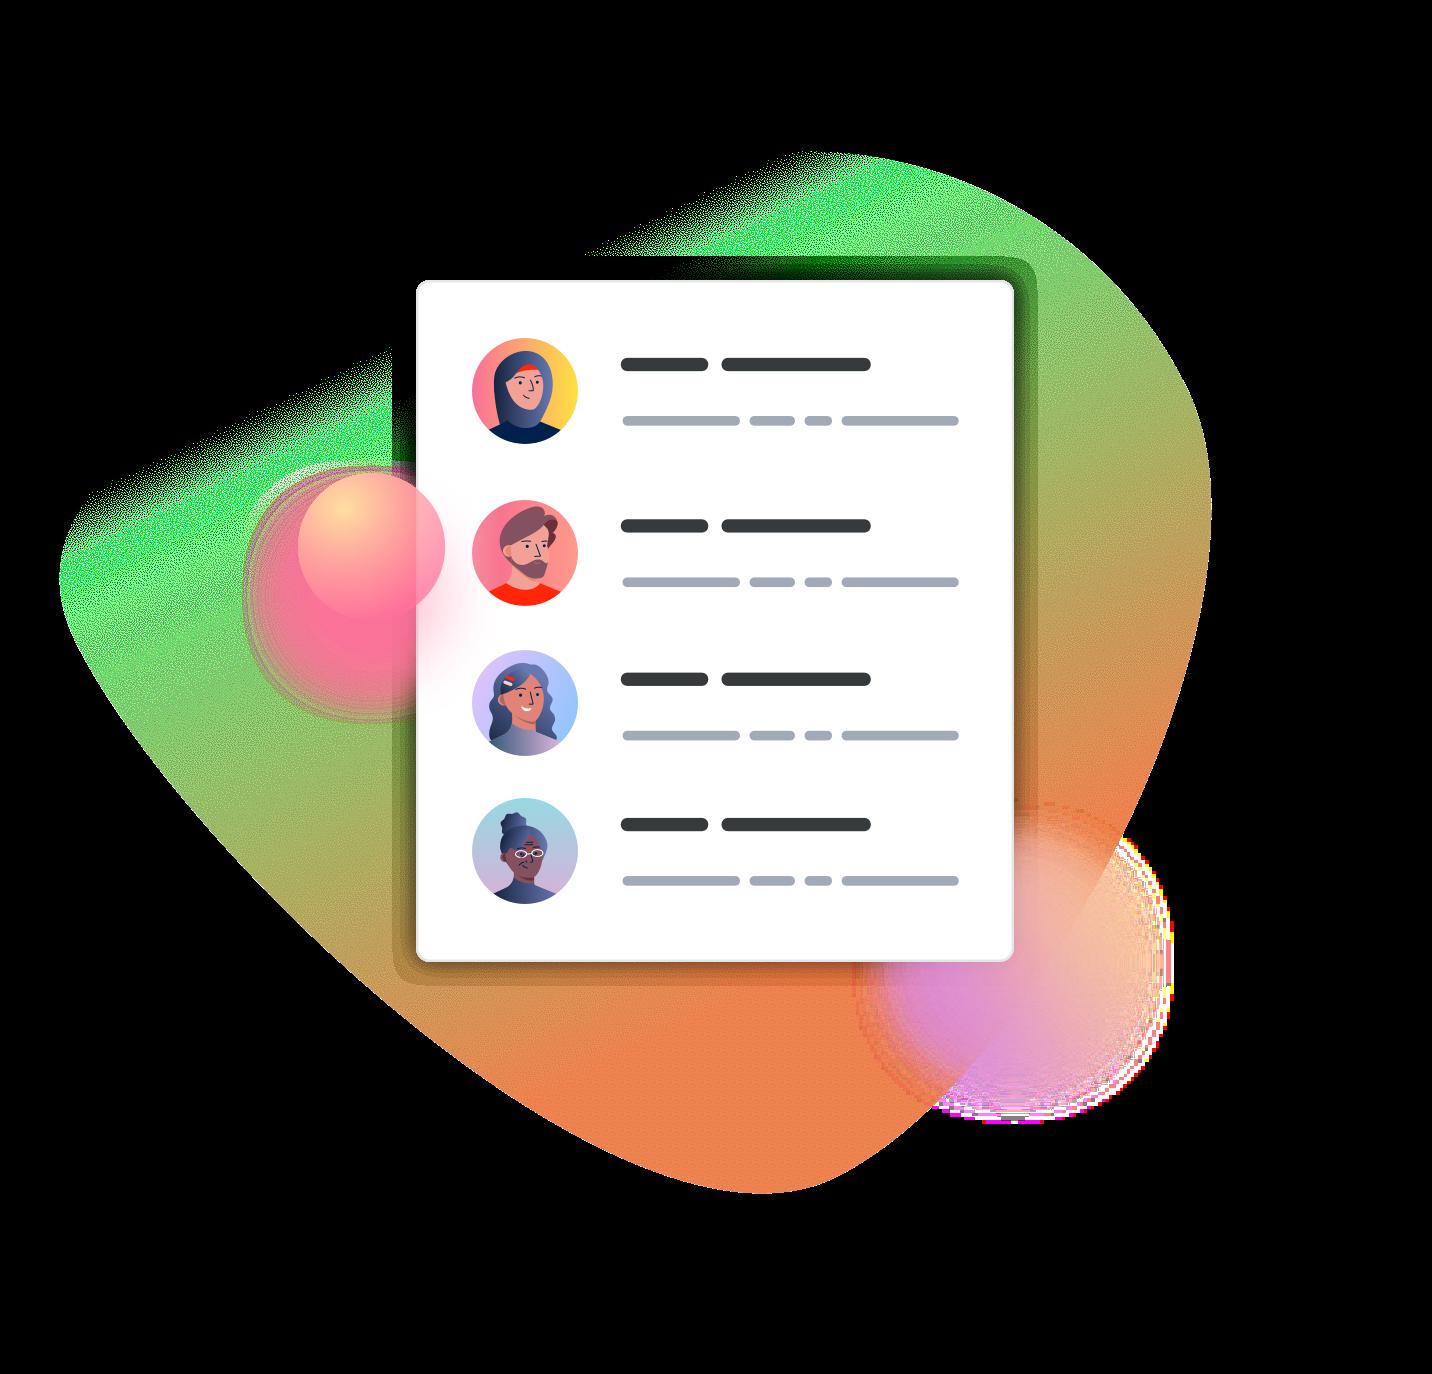 illustration-list-of-staff-members